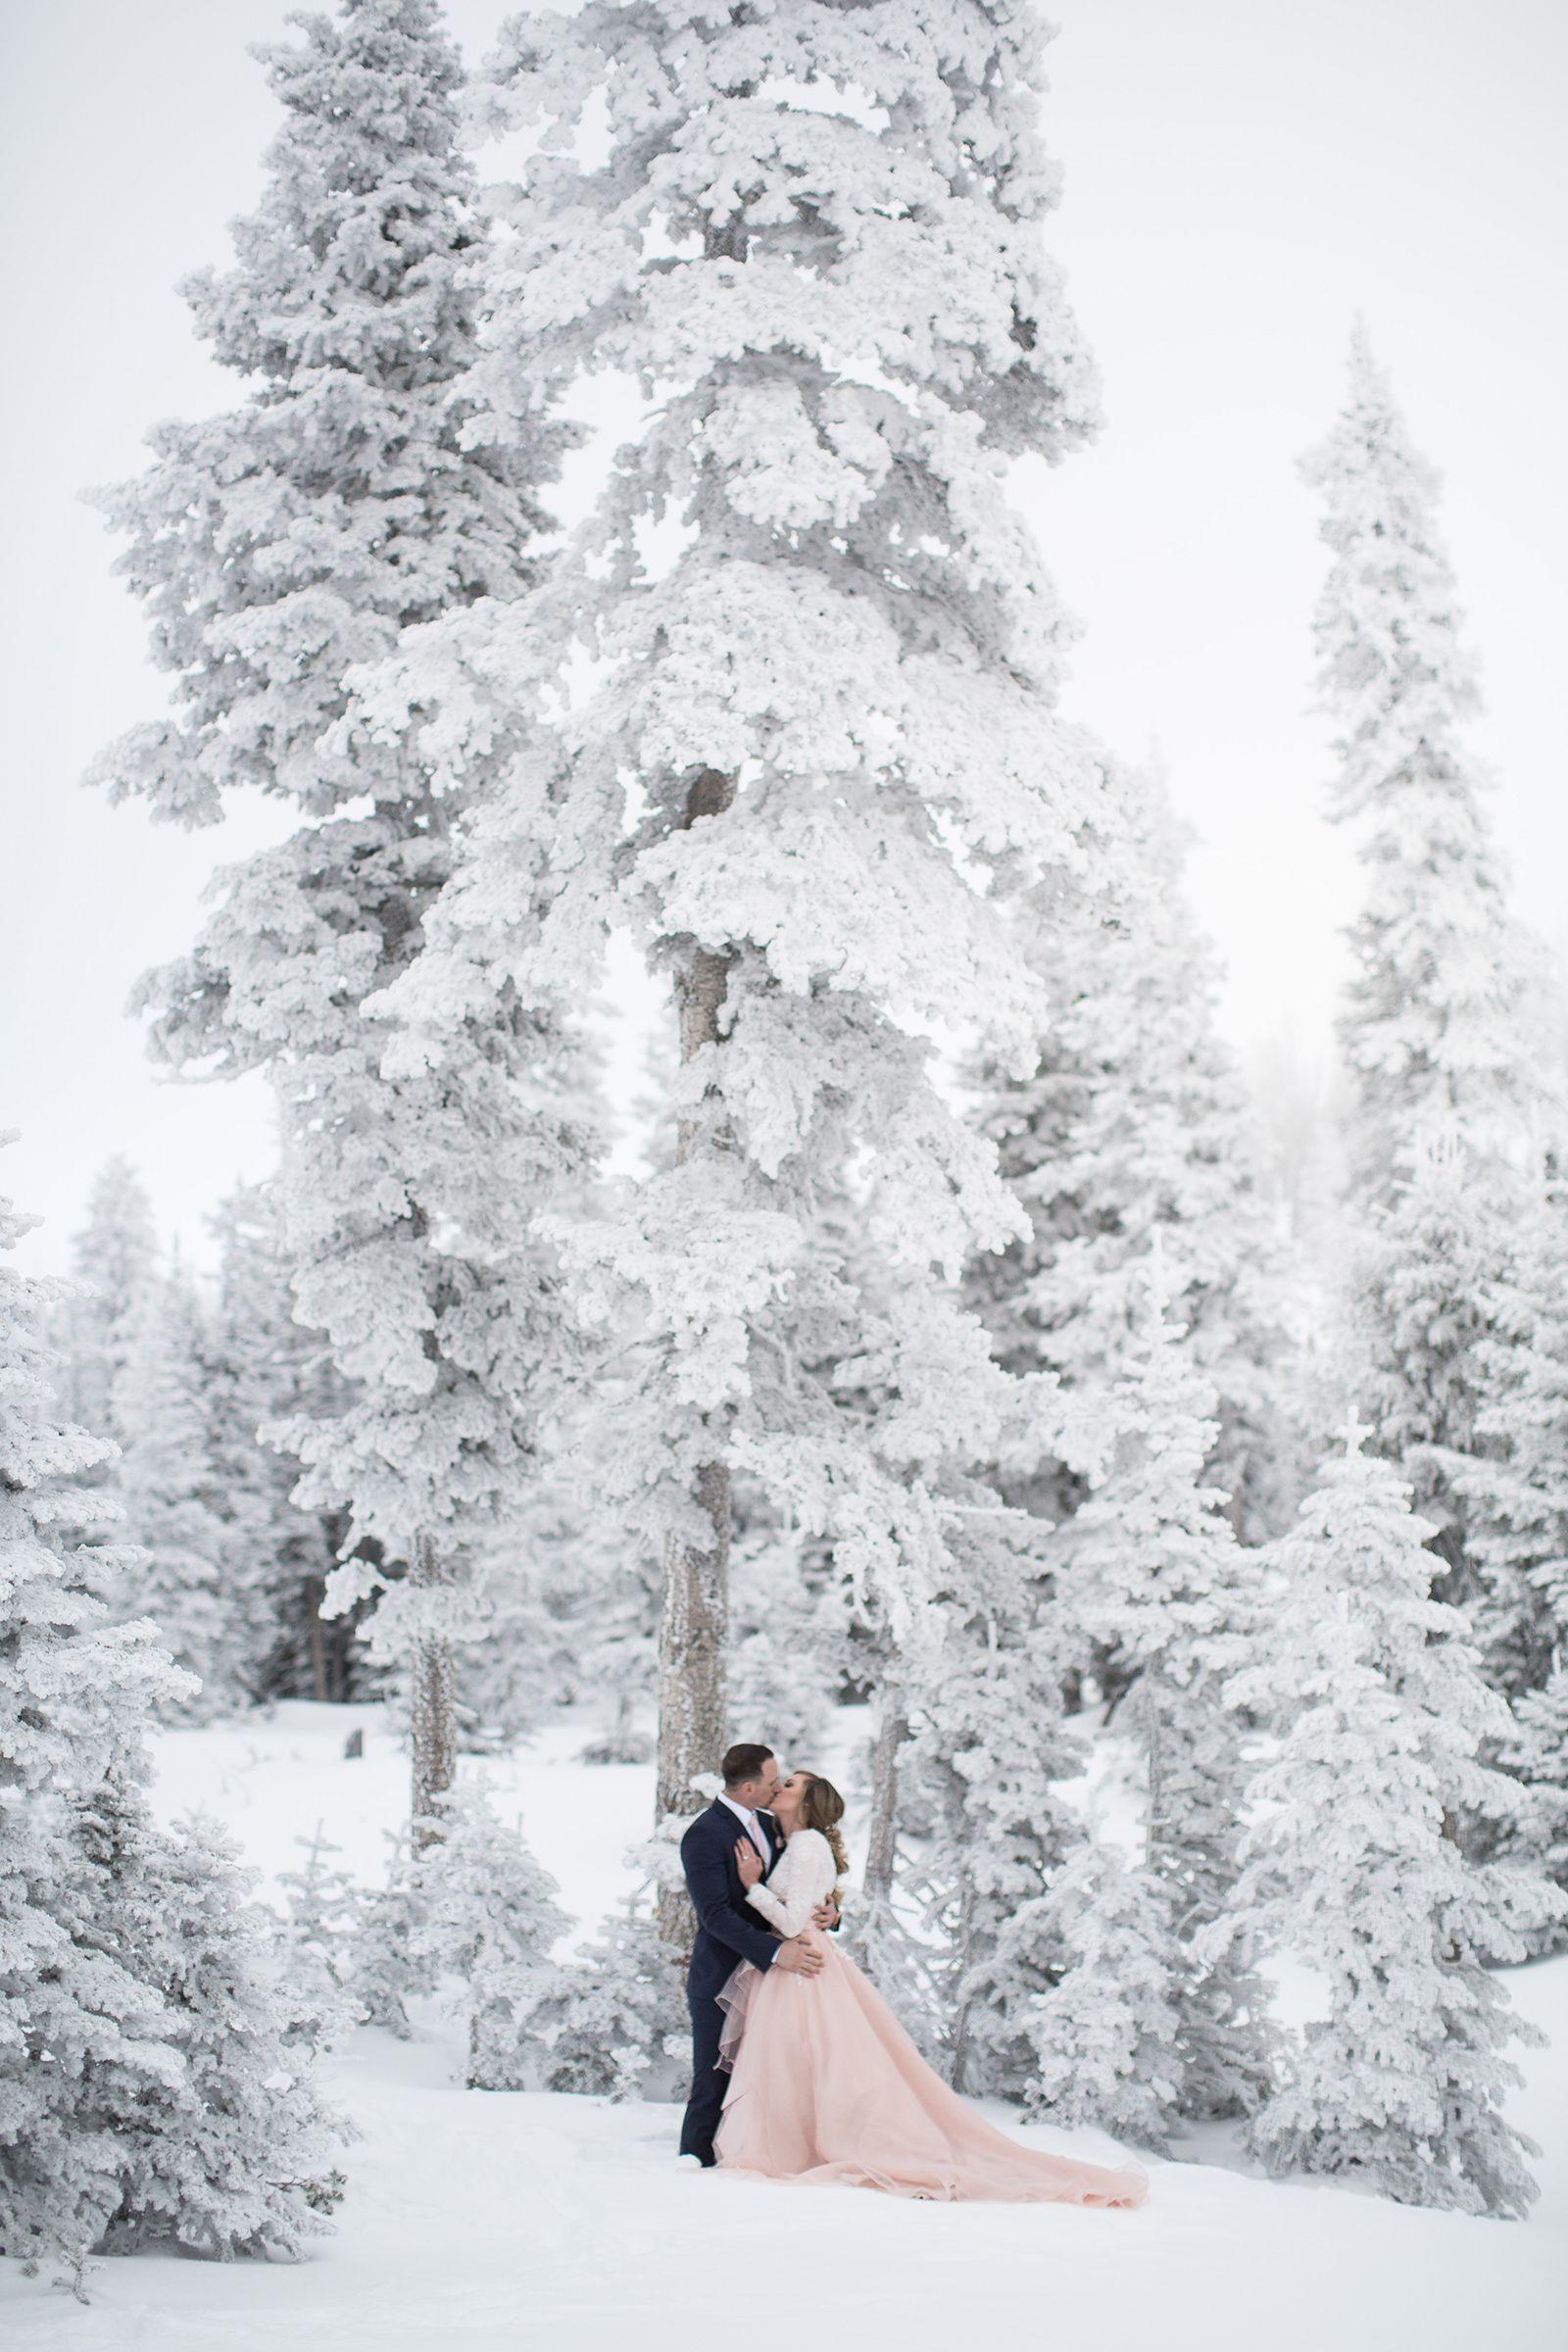 15 wundersame Fotos, die Ihre Winterausflüge inspirieren   – engagement photos